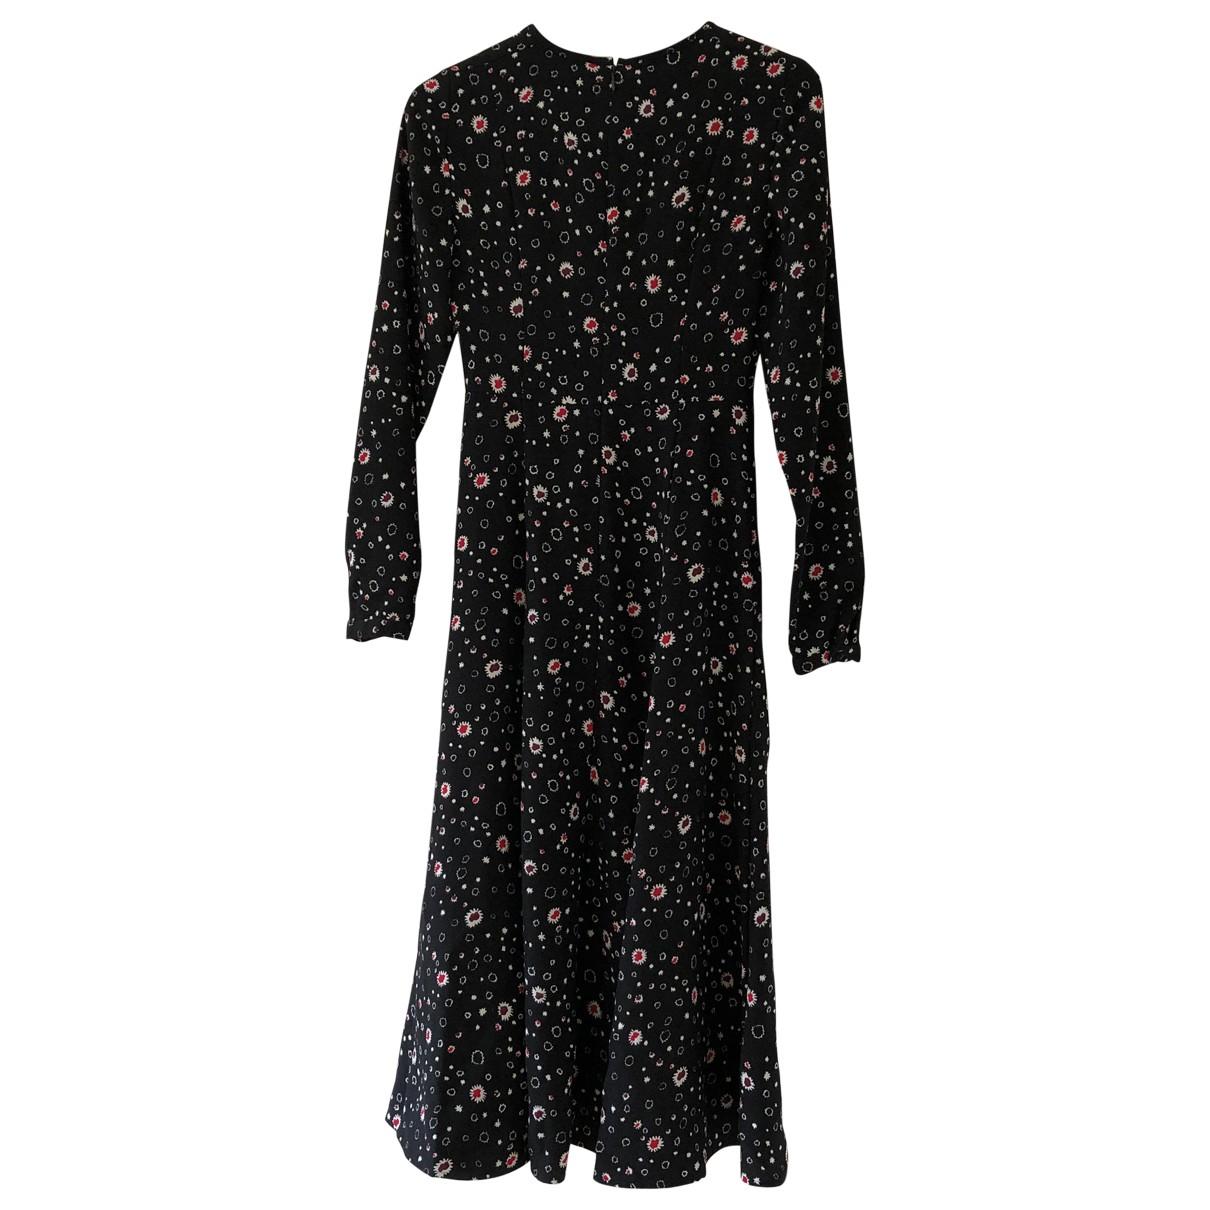 Lk Bennett N Black dress for Women 6 UK